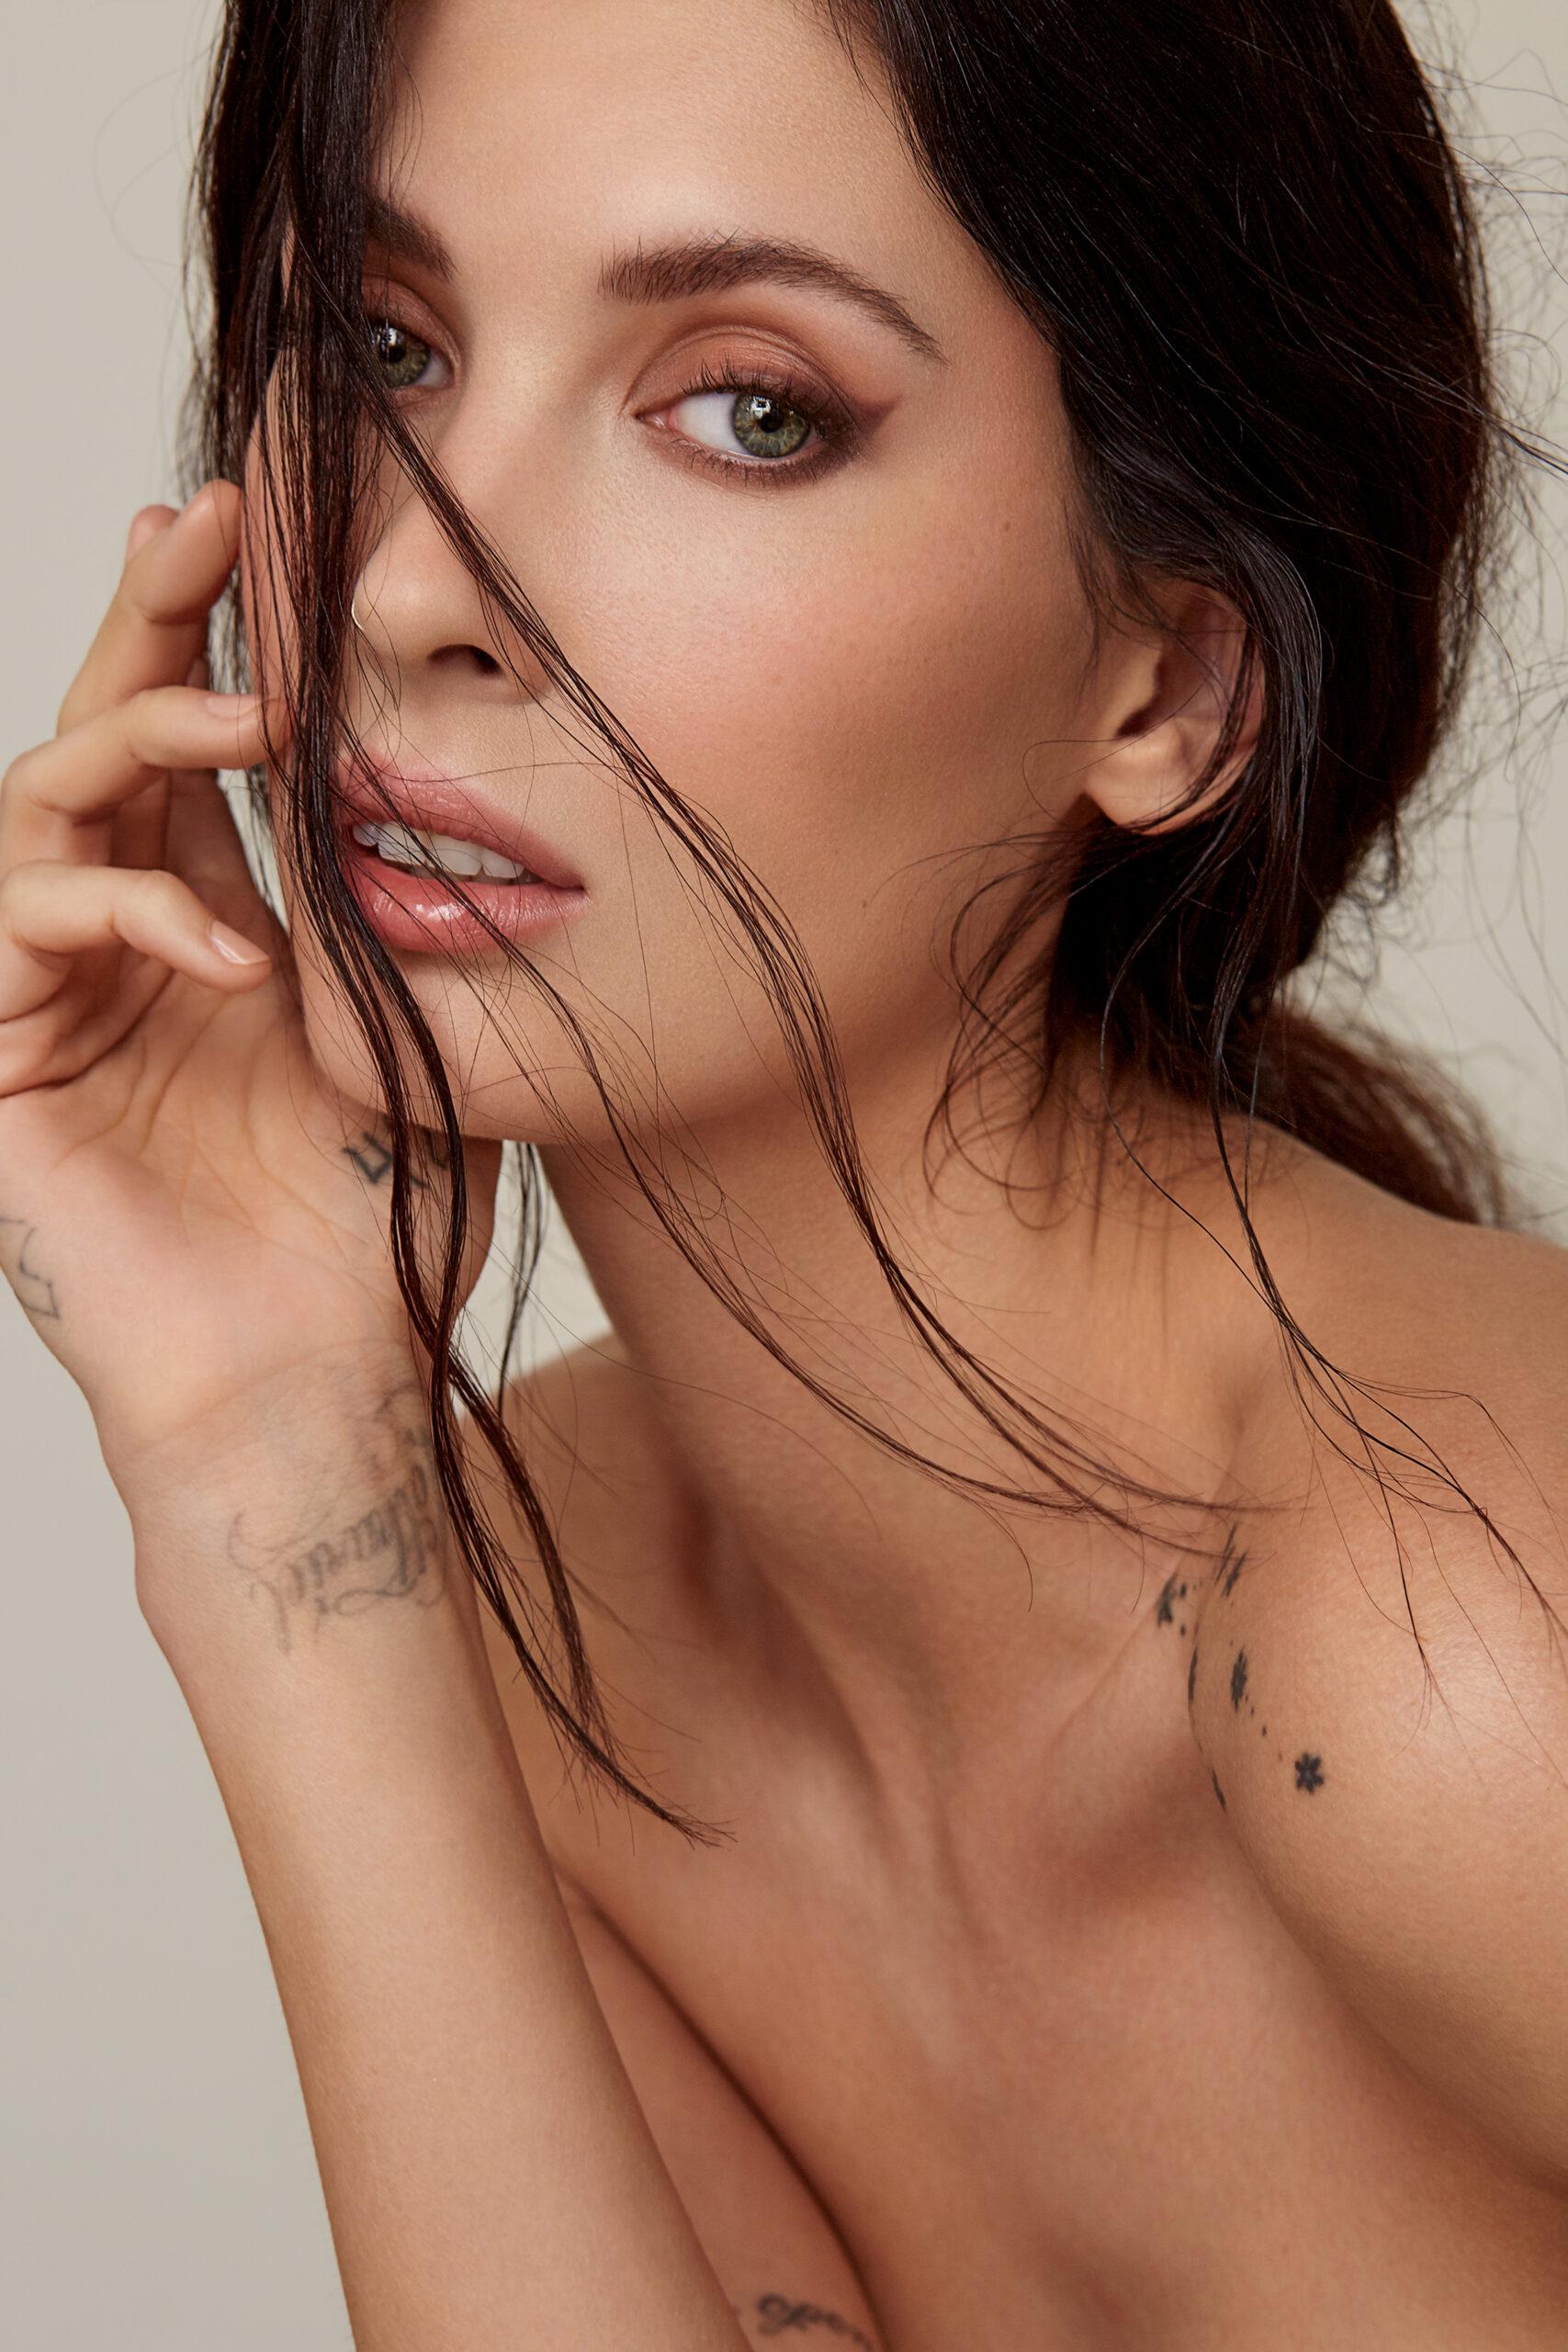 Amanda Hendrick